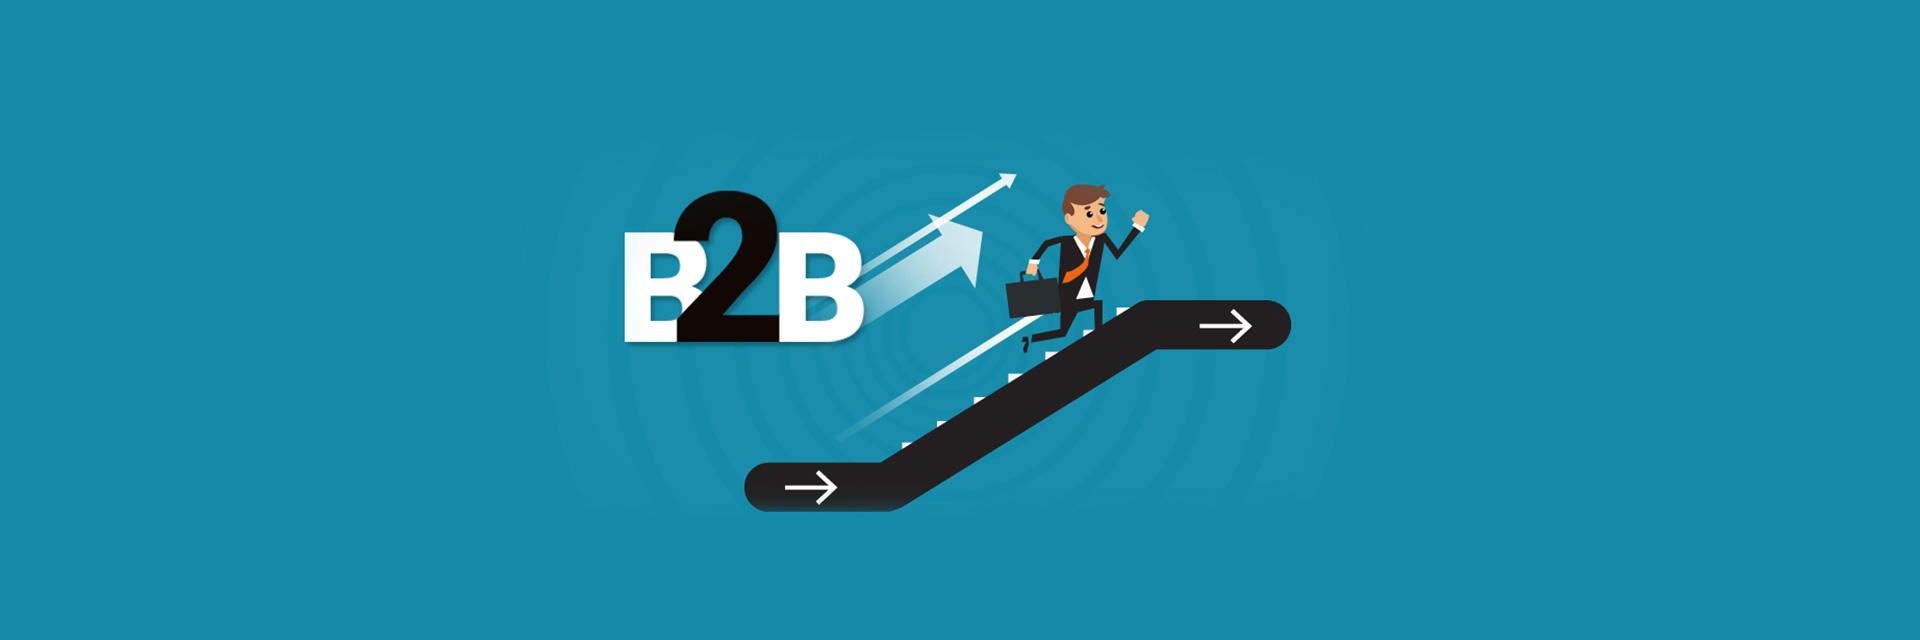 外贸开发信视频:B2B外贸开发信教程——识别决策人并找到其邮箱并完成验证